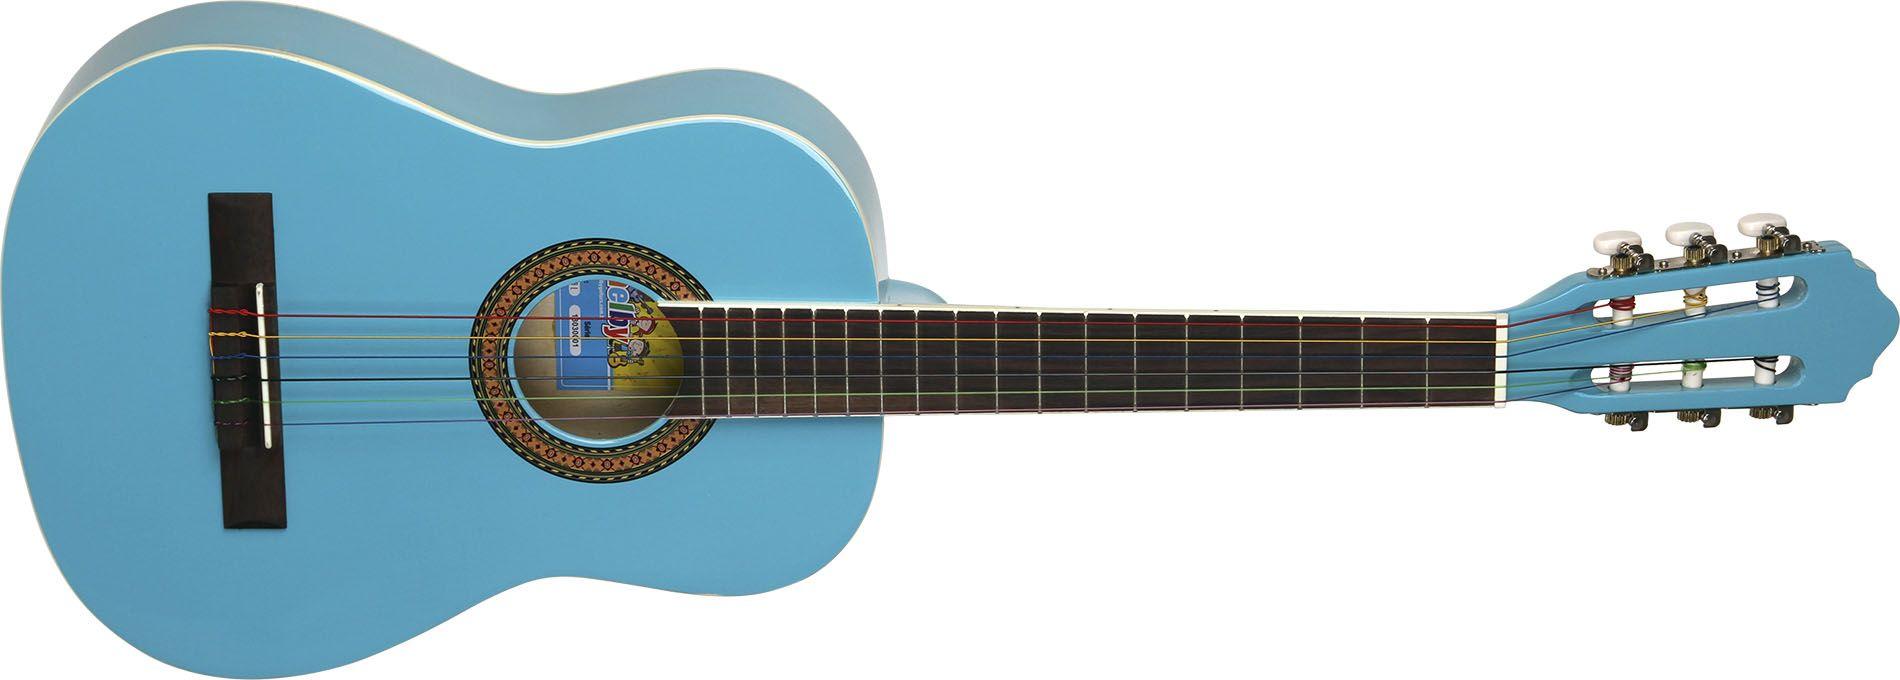 Violão Shelby Snk66 34 Nylon Clássico Acústico Infantil C/Capa Azul